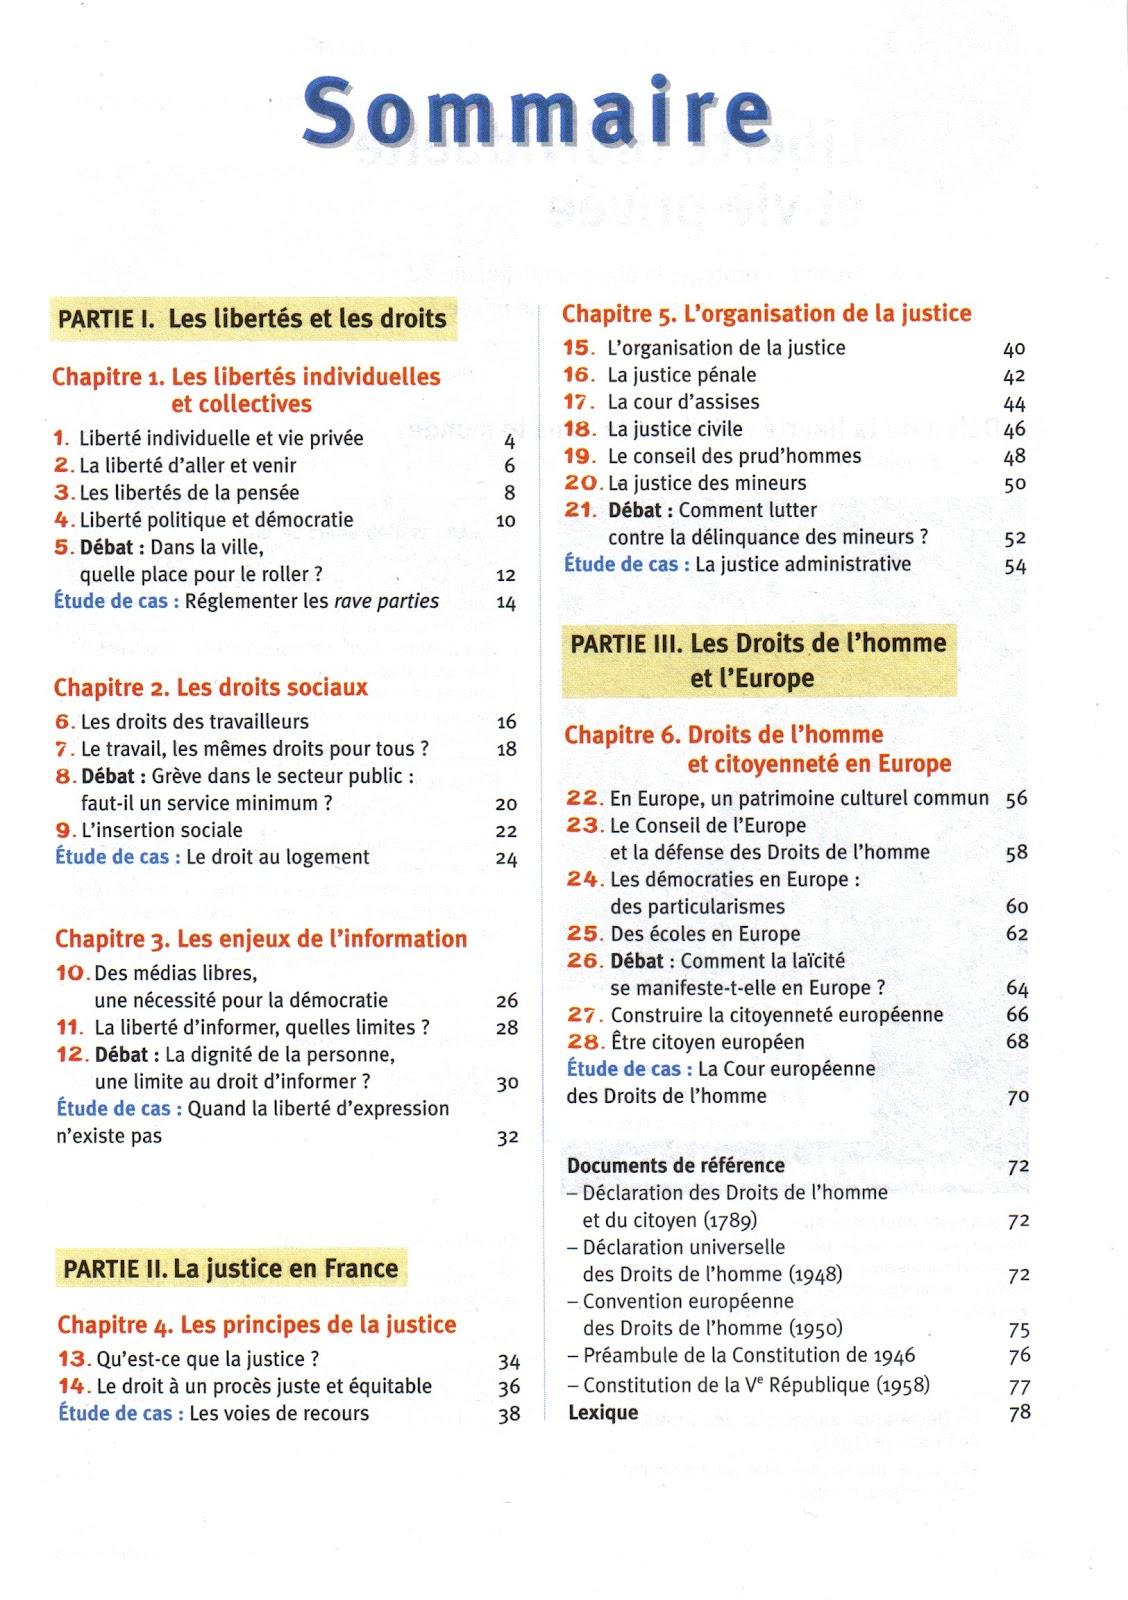 chatel_civisme_famille_français_intellectuel_luc_moral_morale_patrie_peillon_pétain_redressement_vichy_vincent_éducation_état